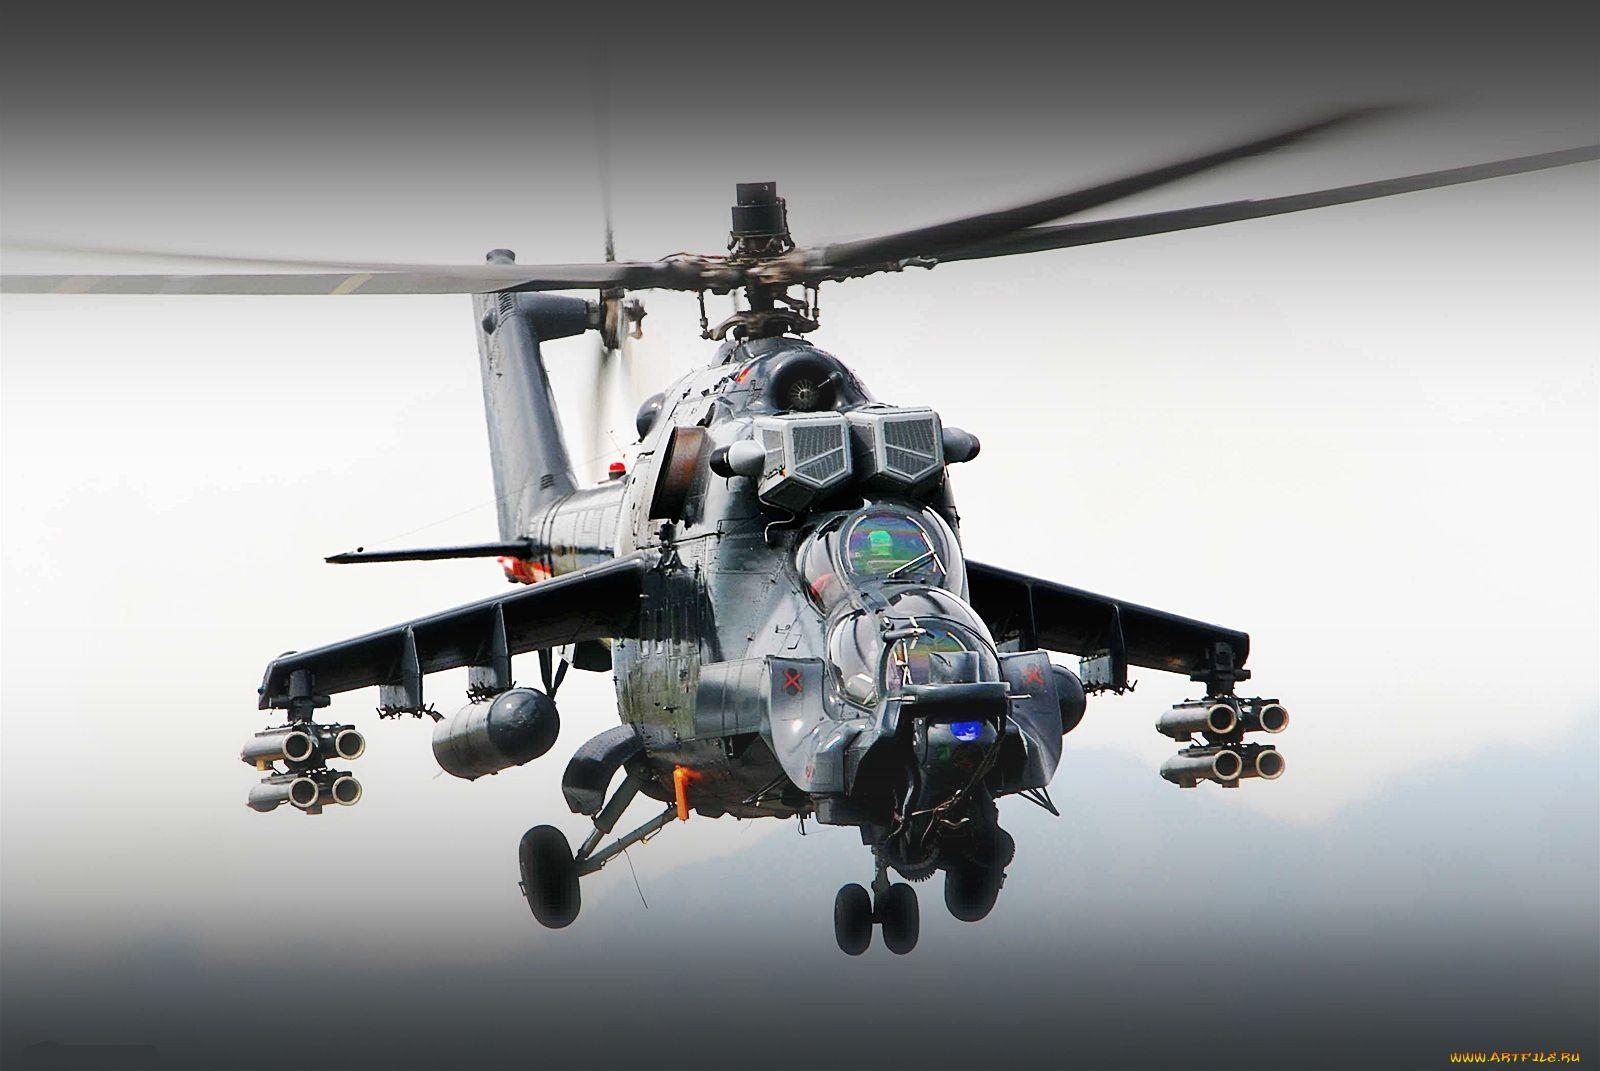 Волк картинки, с днем рождения вертолетчик картинки